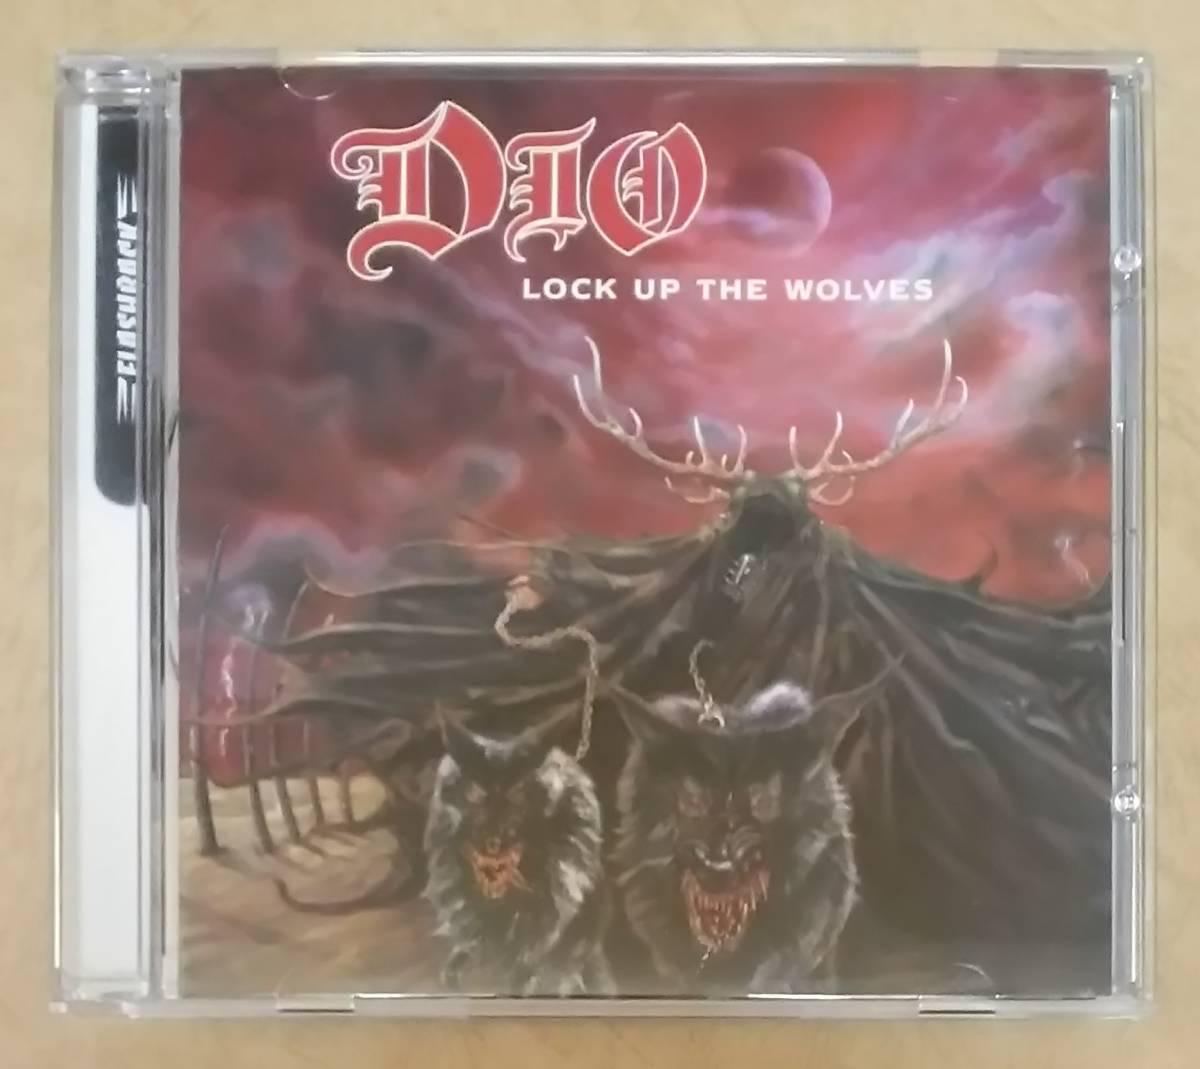 【HM/HR】 DIO (ディオ) / LOCK UP THE WOLVES (ロック・アップ・ザ・ウルヴス) 輸入盤 1990年リリース 5thアルバム ※RAINBOW